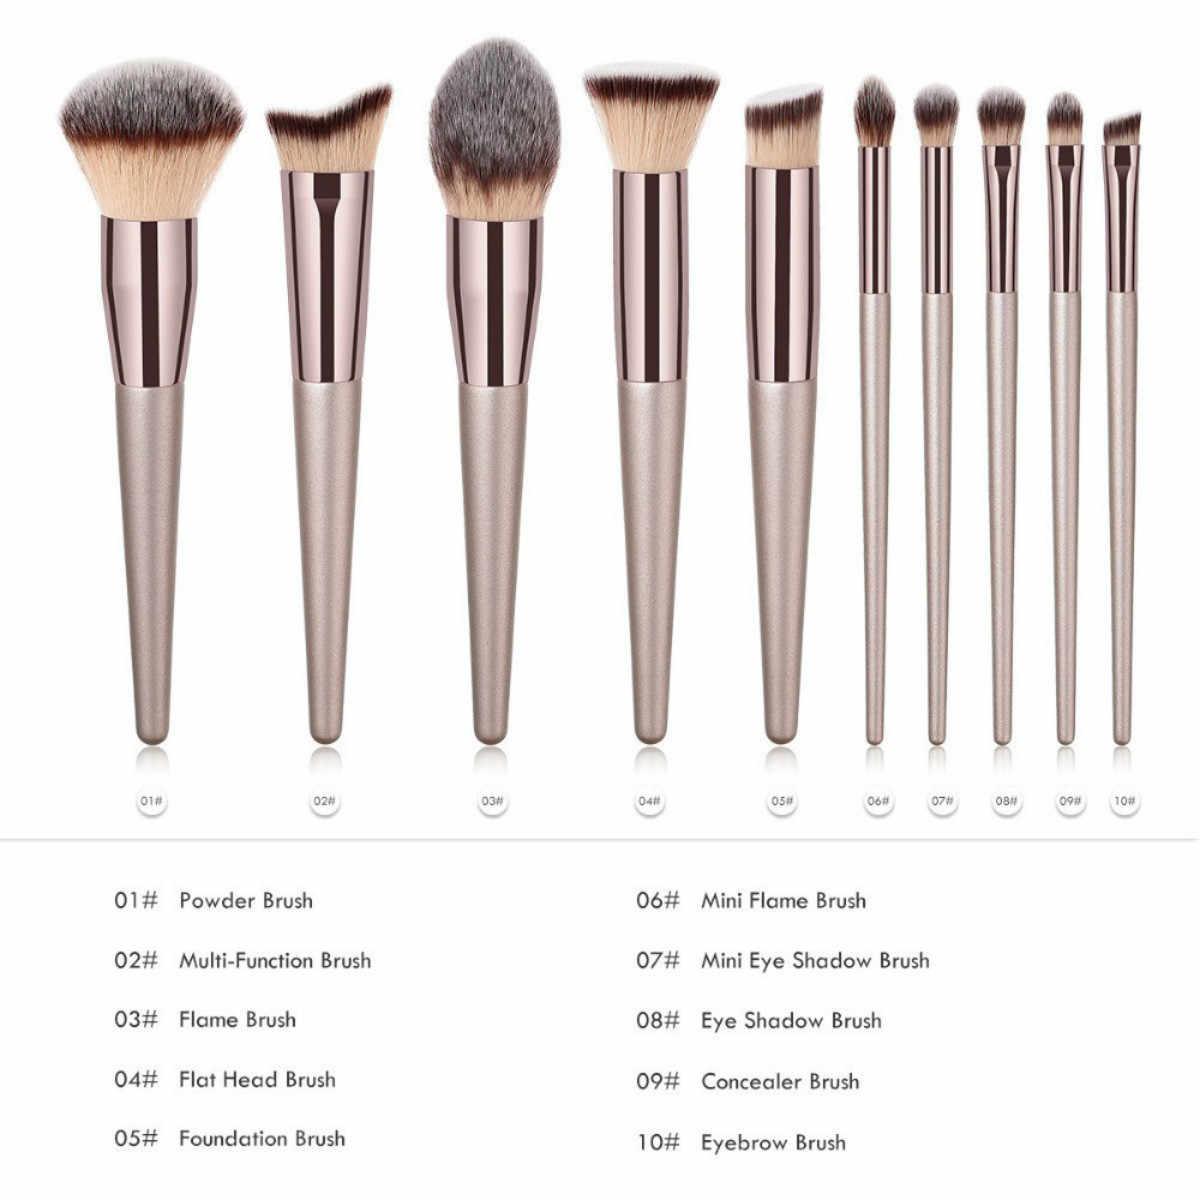 Brochas de maquillaje de champán de lujo Set para base en polvo rubor sombra de ojos corrector de labios maquillaje brocha cosméticos herramientas de belleza